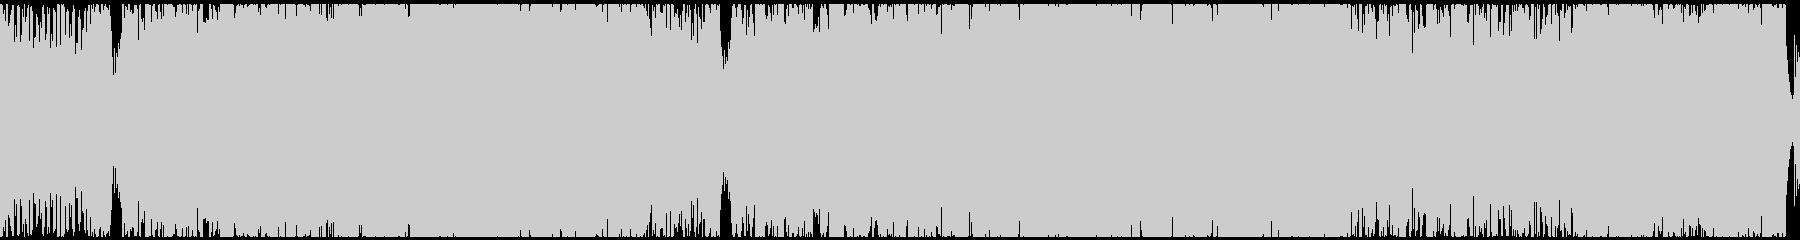 疾走感のあるサイバー戦闘曲(ループ)の未再生の波形